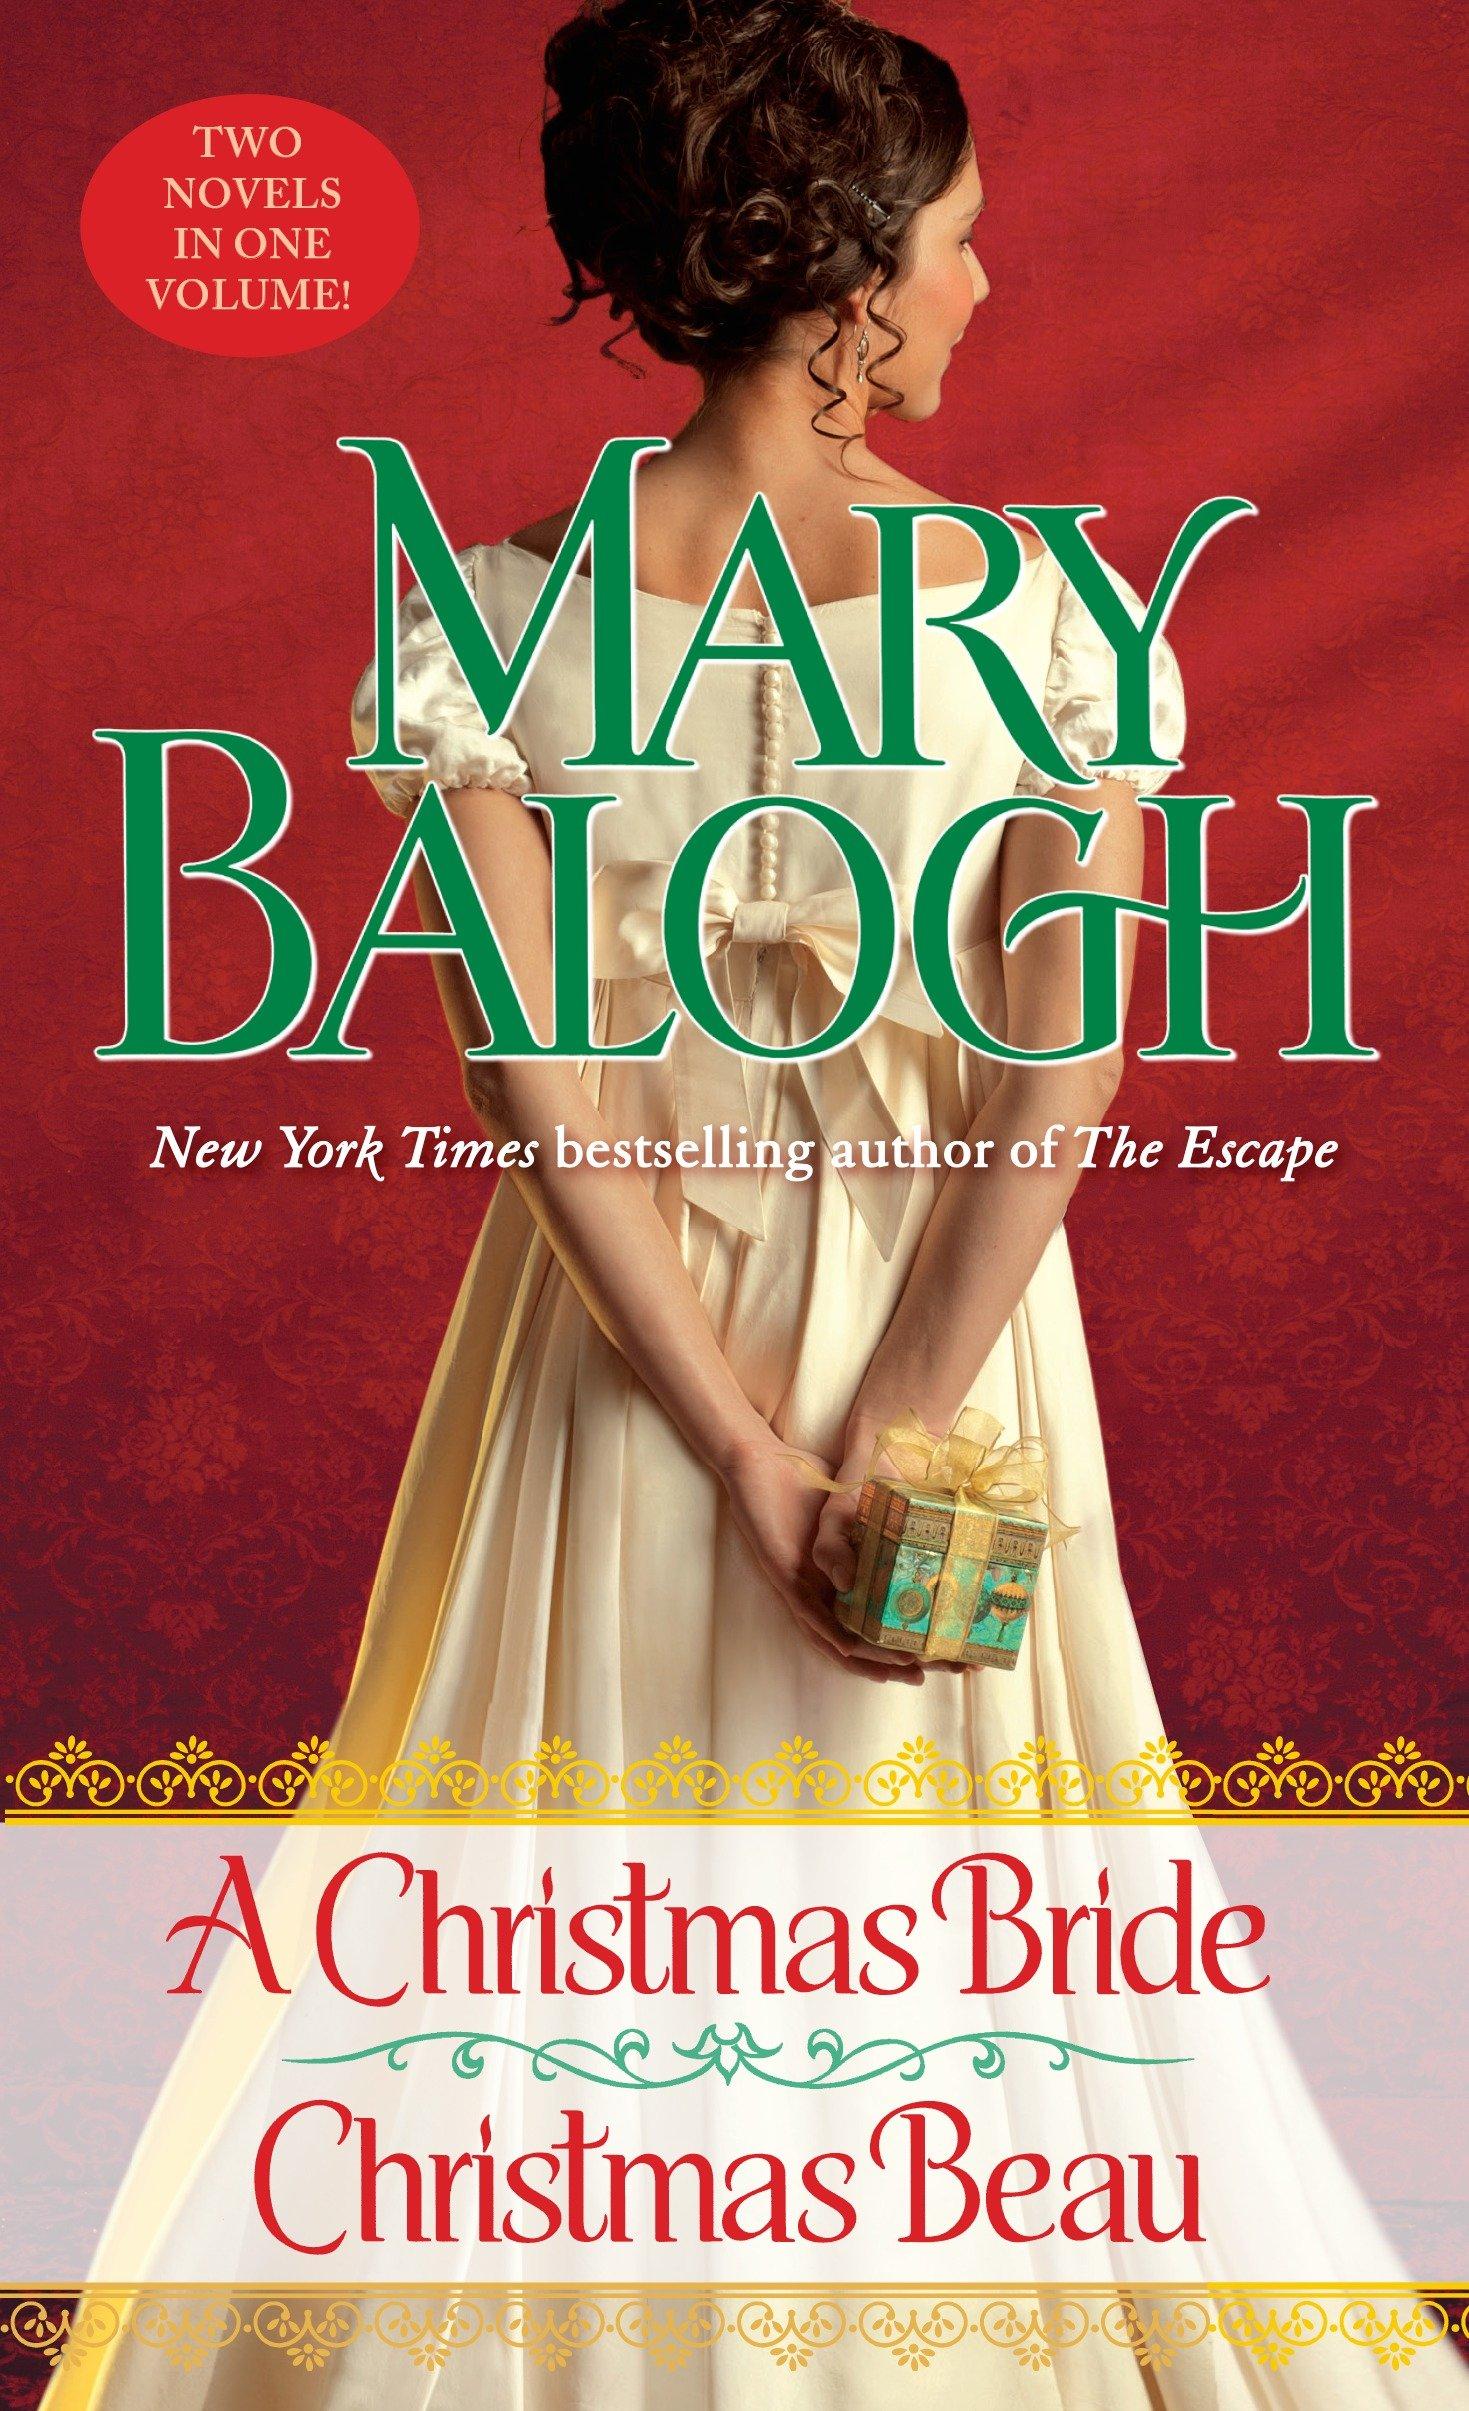 A Christmas bride Christmas beau cover image